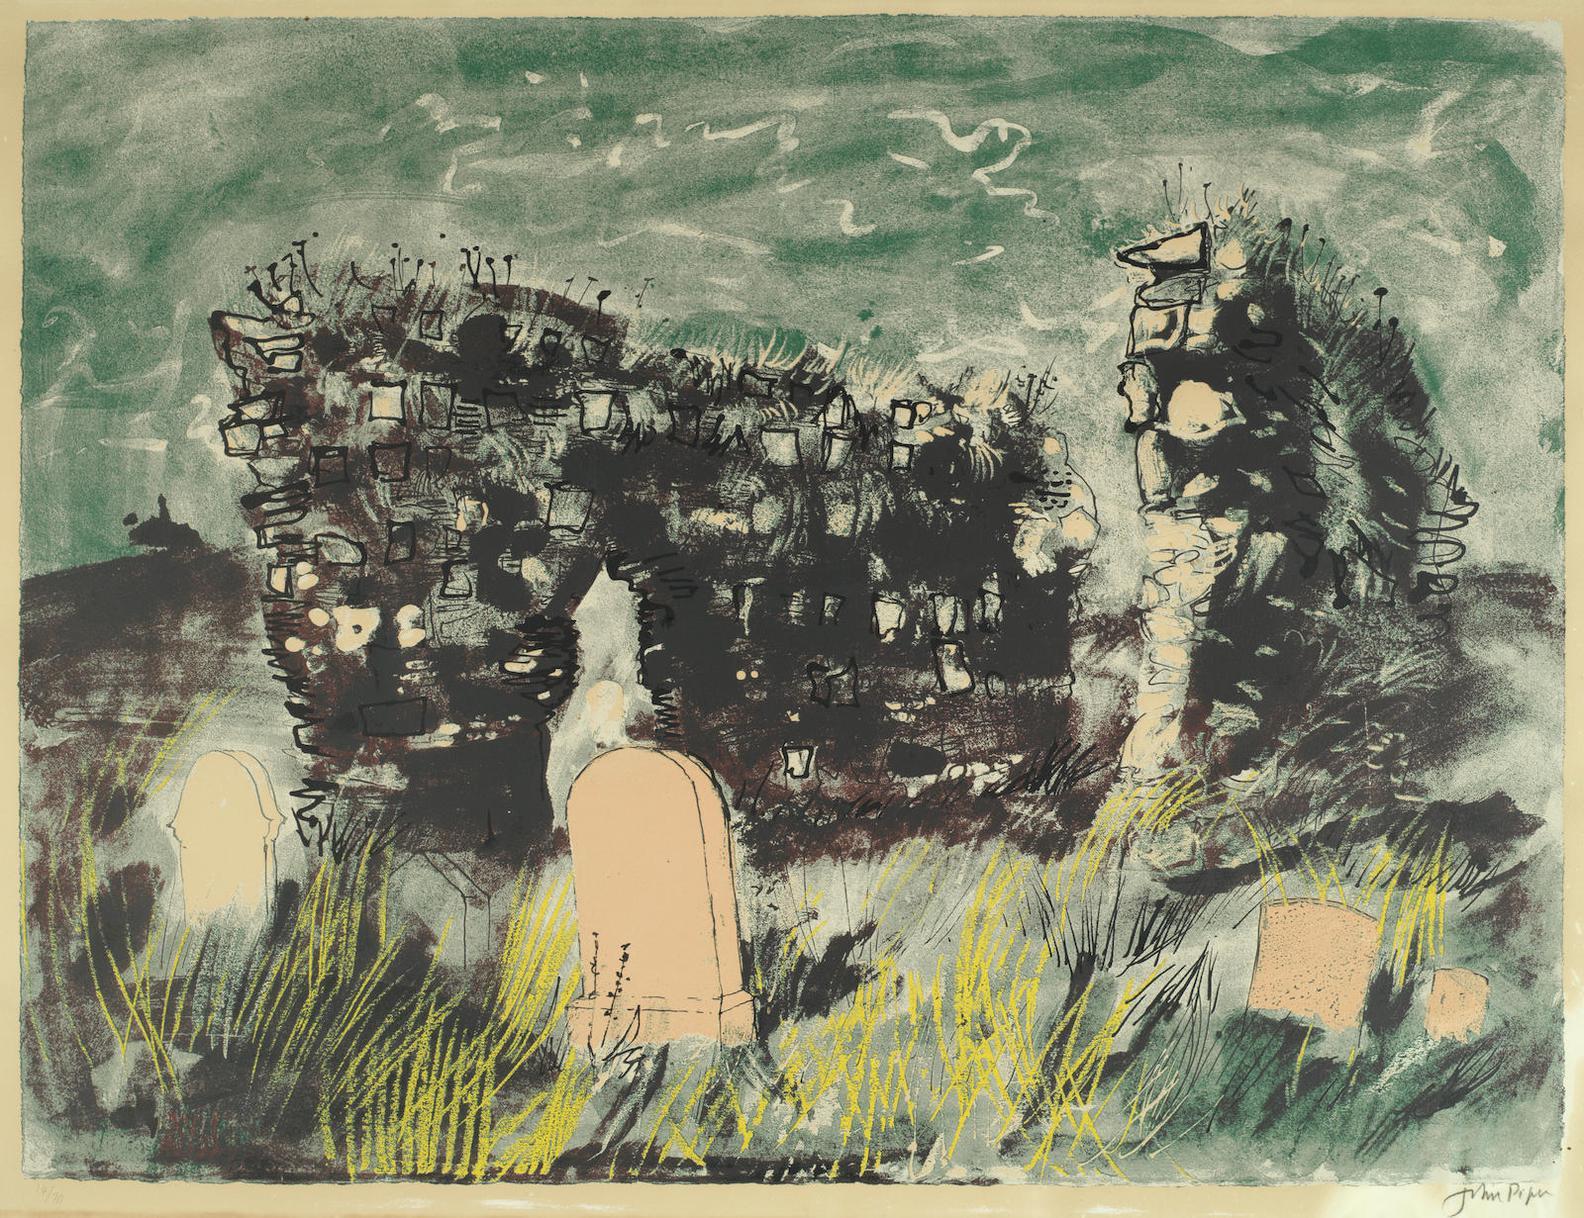 John Piper-Ruined Chapel, Isle Of Mull (Levinson 249)-1975